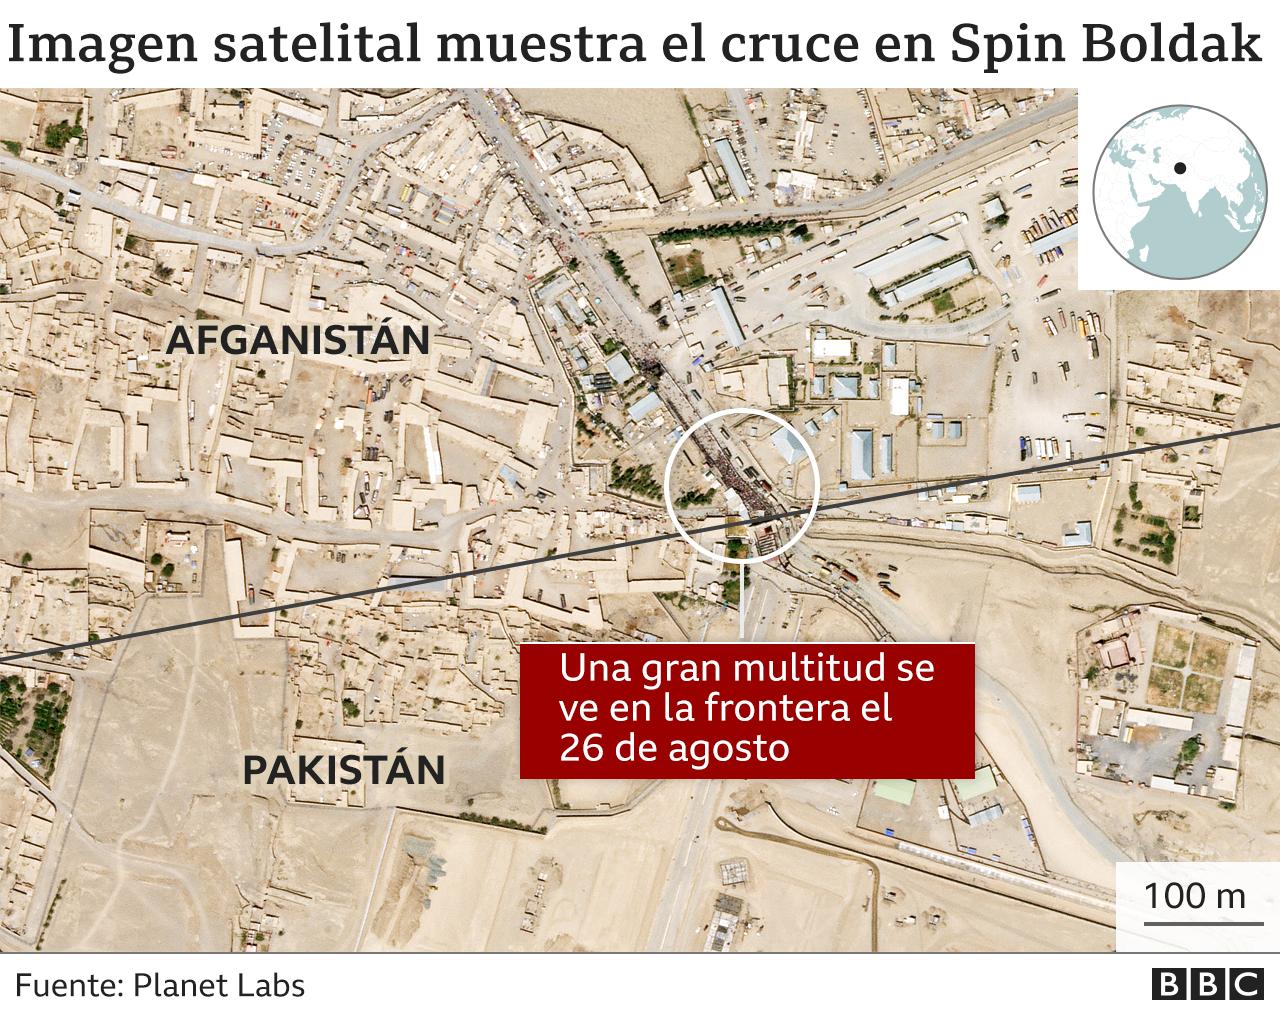 El mapa muestra el cruce fronterizo en Spin Boldak